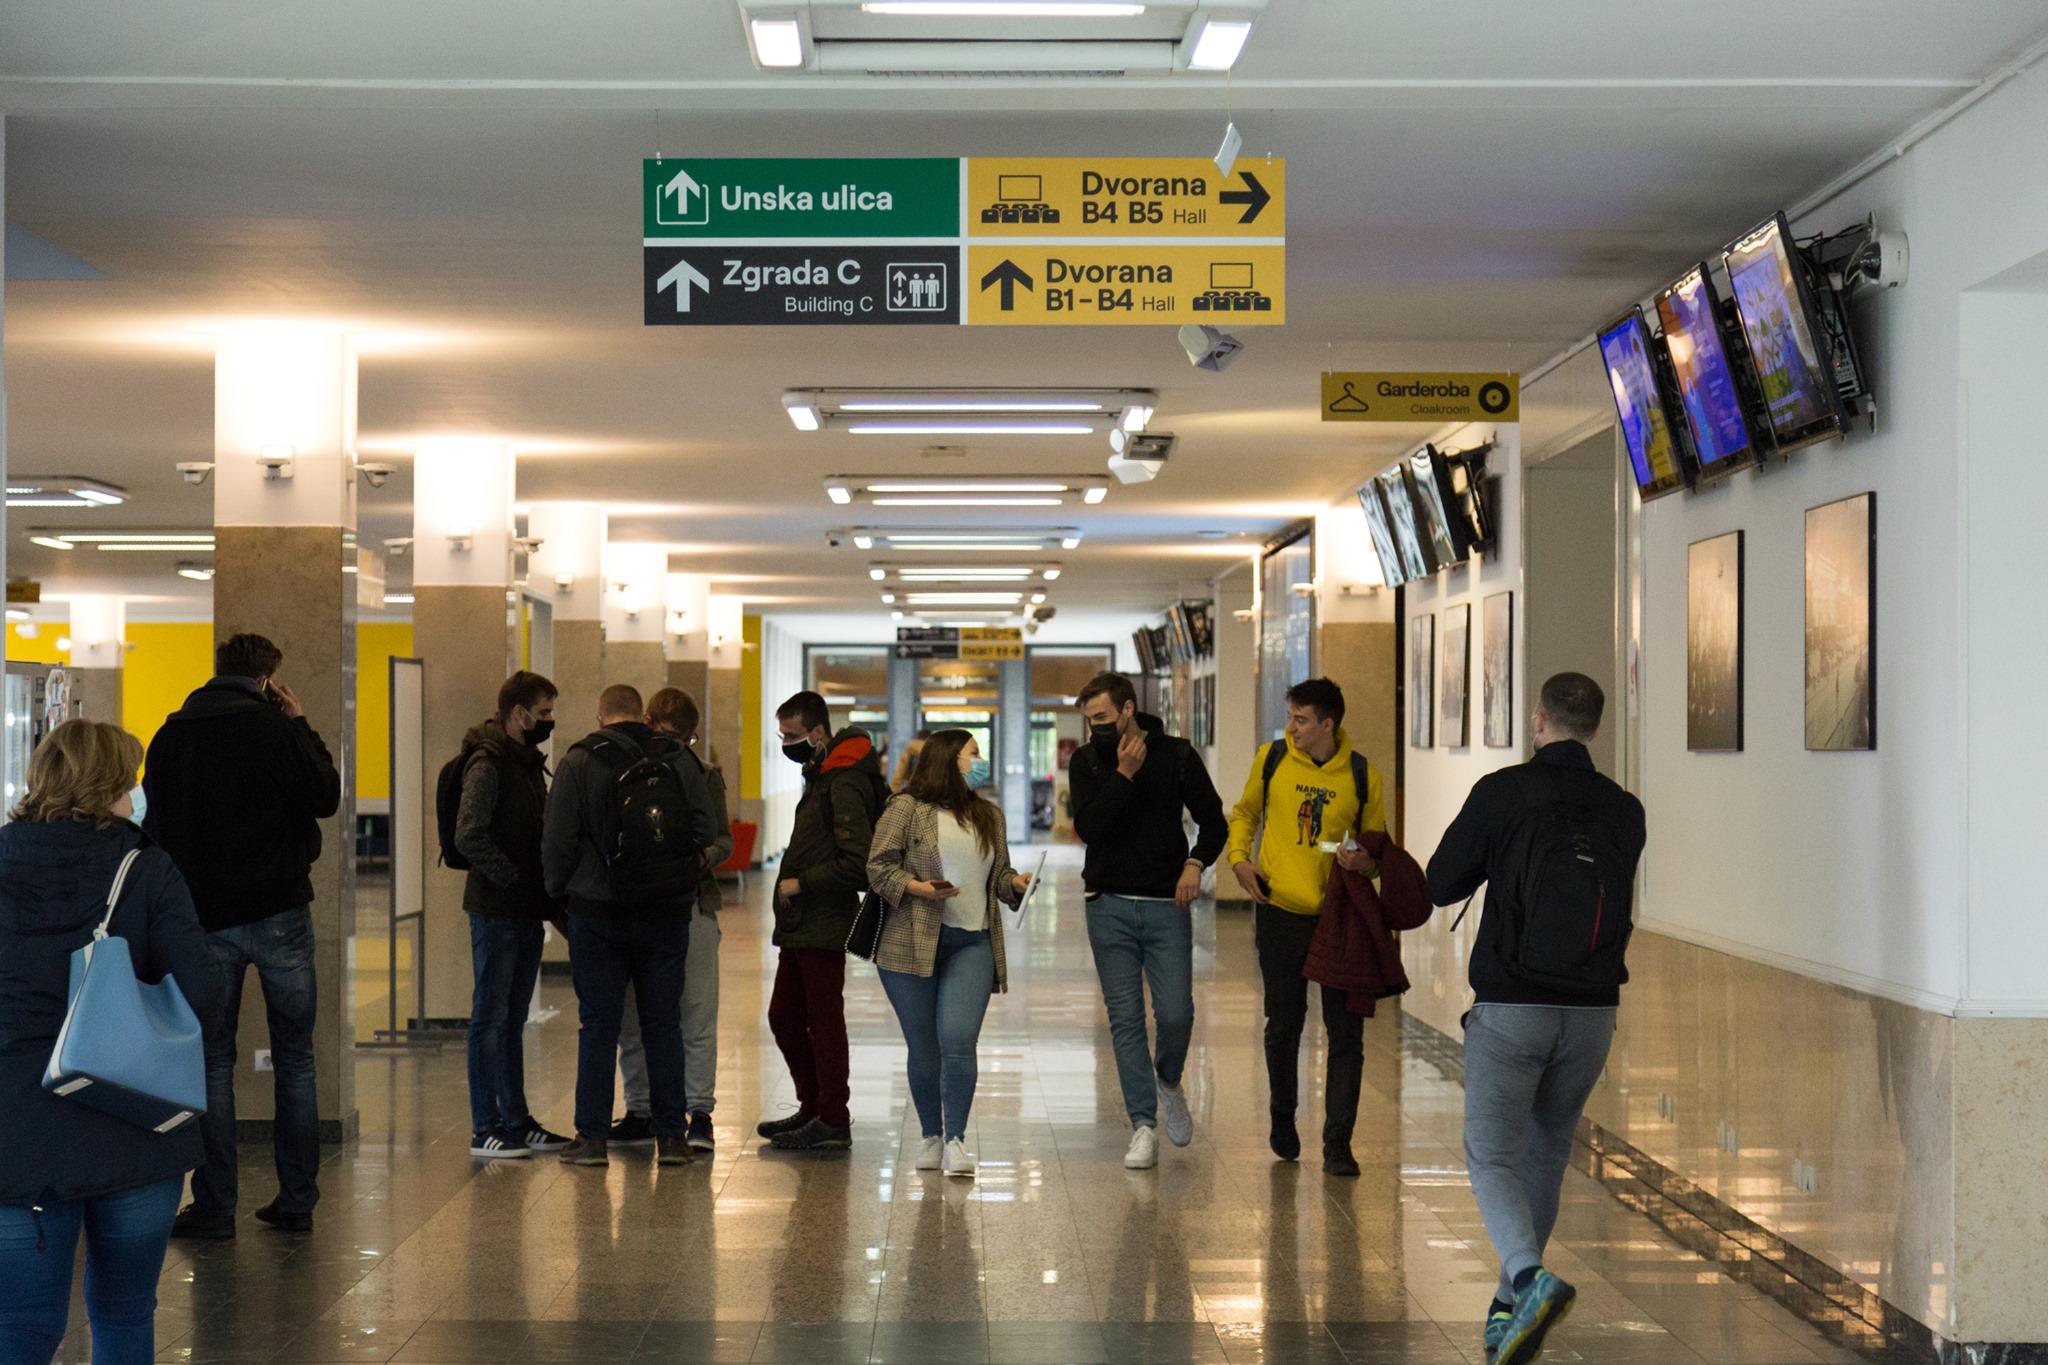 Studenti se više neće gubiti: Zagrebački fakultet olakšao snalaženje po svojim zgradama